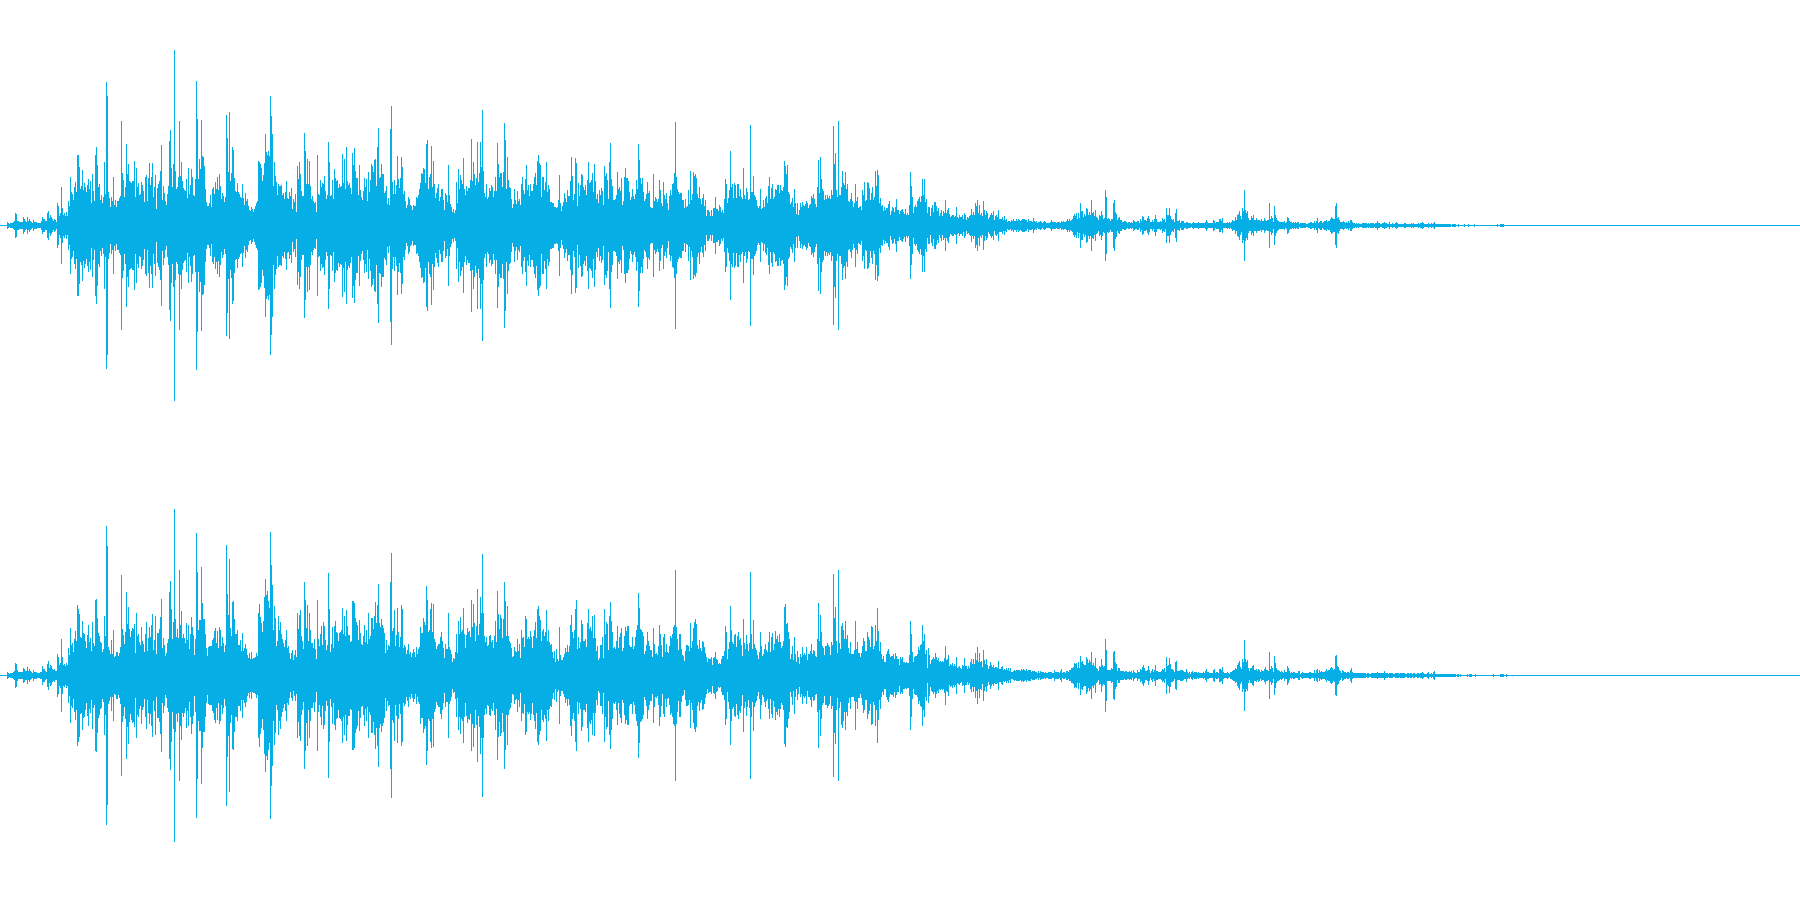 「ガラガラ…」木片シェーカー音リバーブ入の再生済みの波形